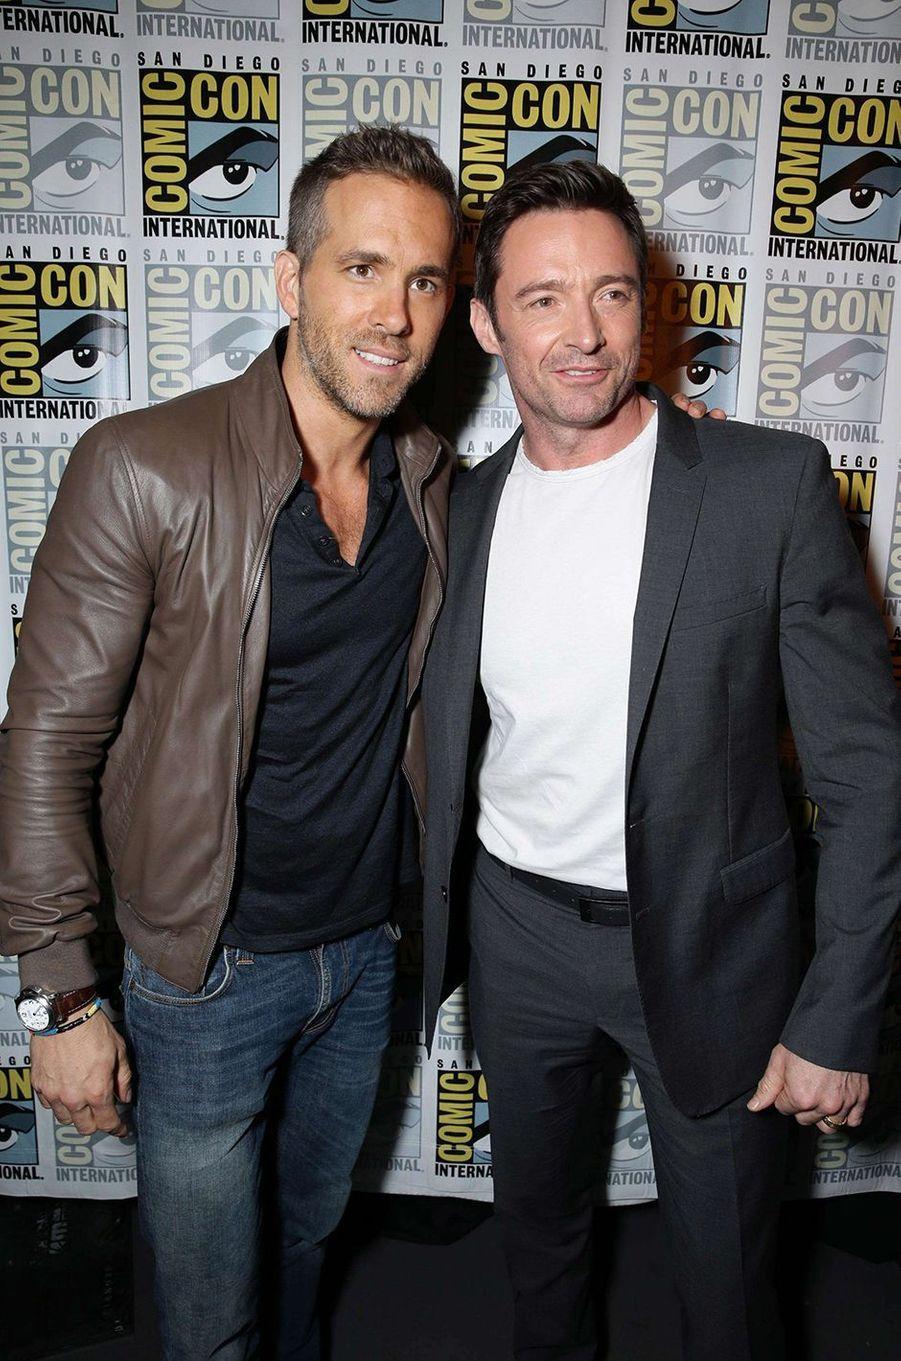 Ryan Reynolds et Hugh Jackman : les super-héros de l'humour. Les deux acteurs ont l'une des relations les plus amusantes du showbiz et ne manquent jamais une occasion de se vanner. Ils s'étaient donné la réplique en 2009 dans «X-Men Origins: Wolverine».